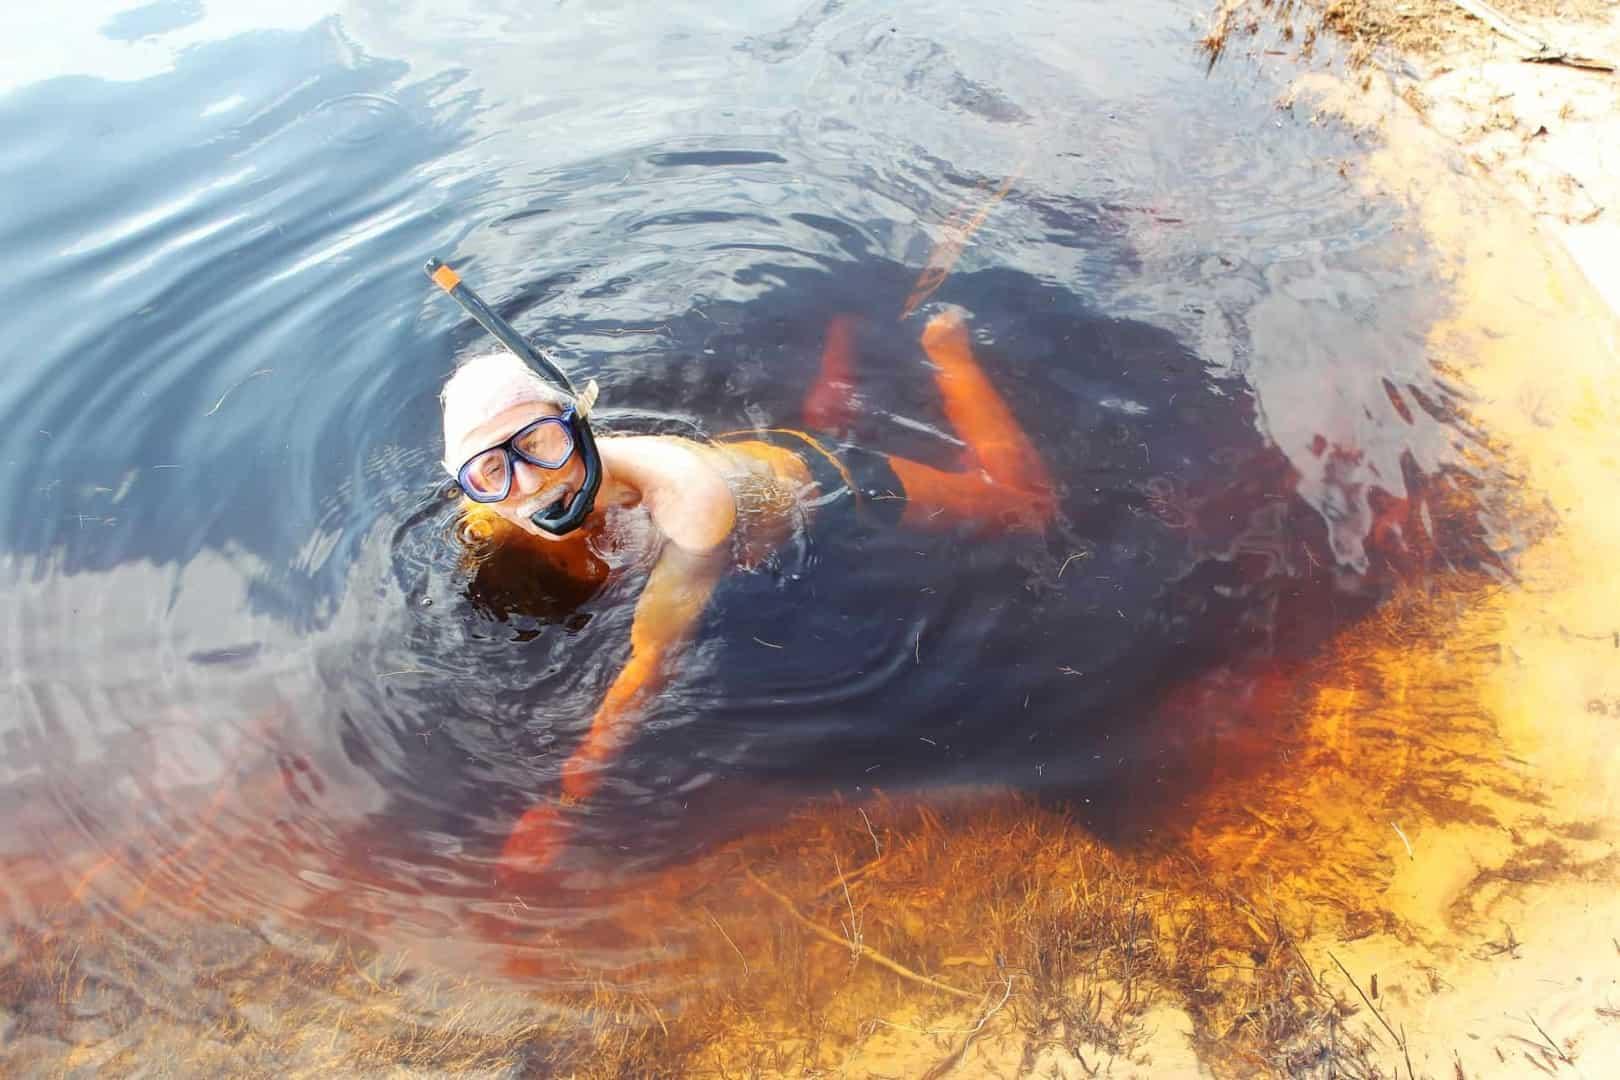 154 : Expeditionen zu den Biotopen der Aquarienfische Teil 2 (Heiko Blessin) 48